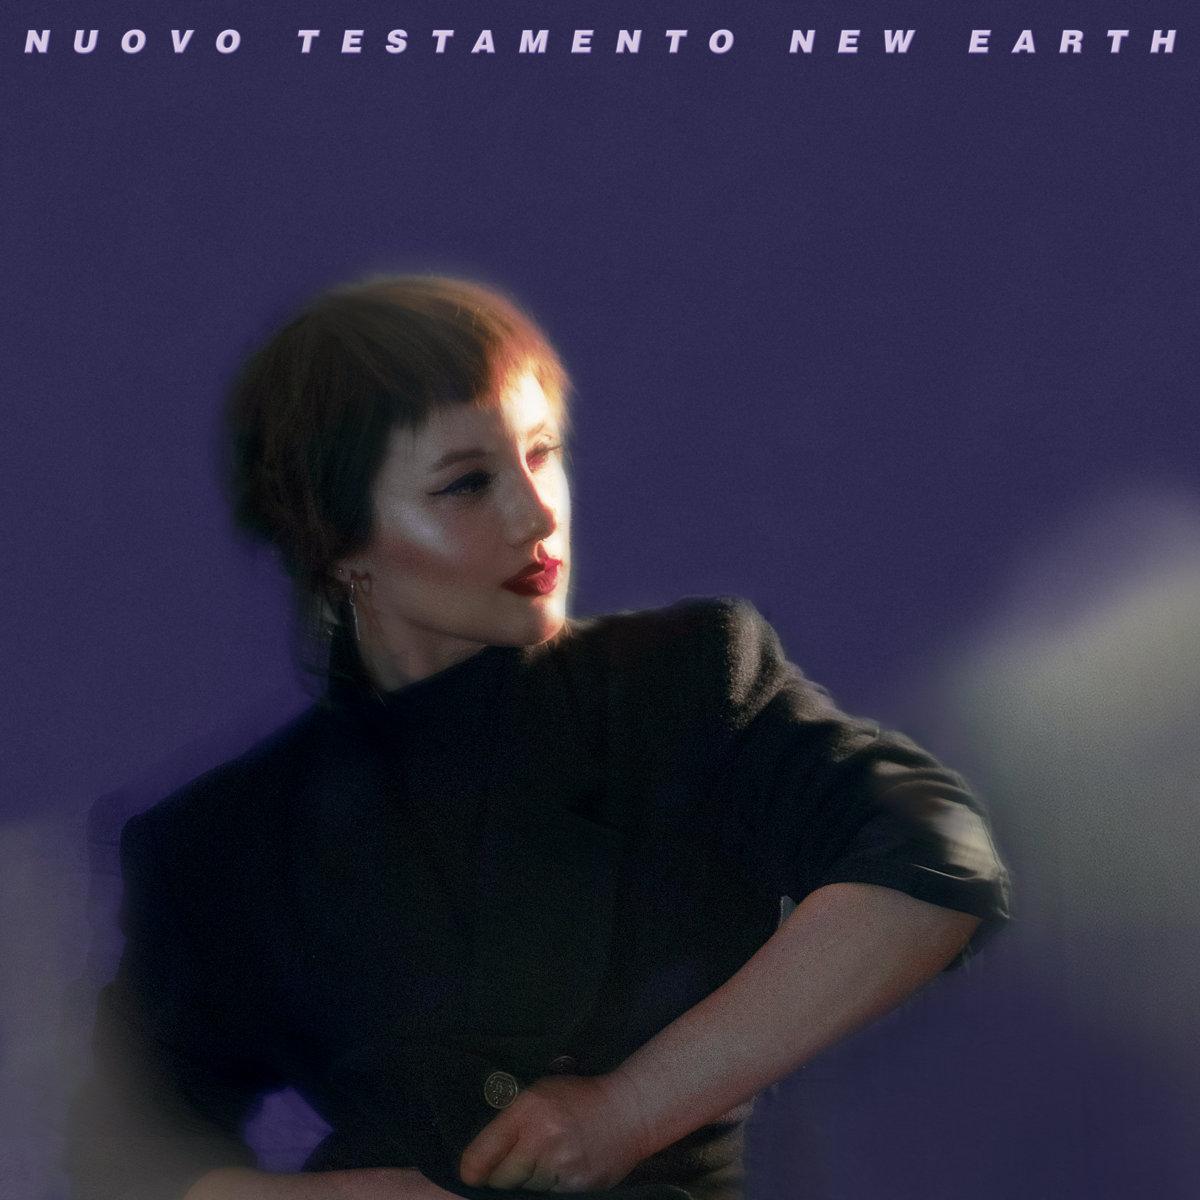 """Nuovo Testamento, """"New Earth"""""""